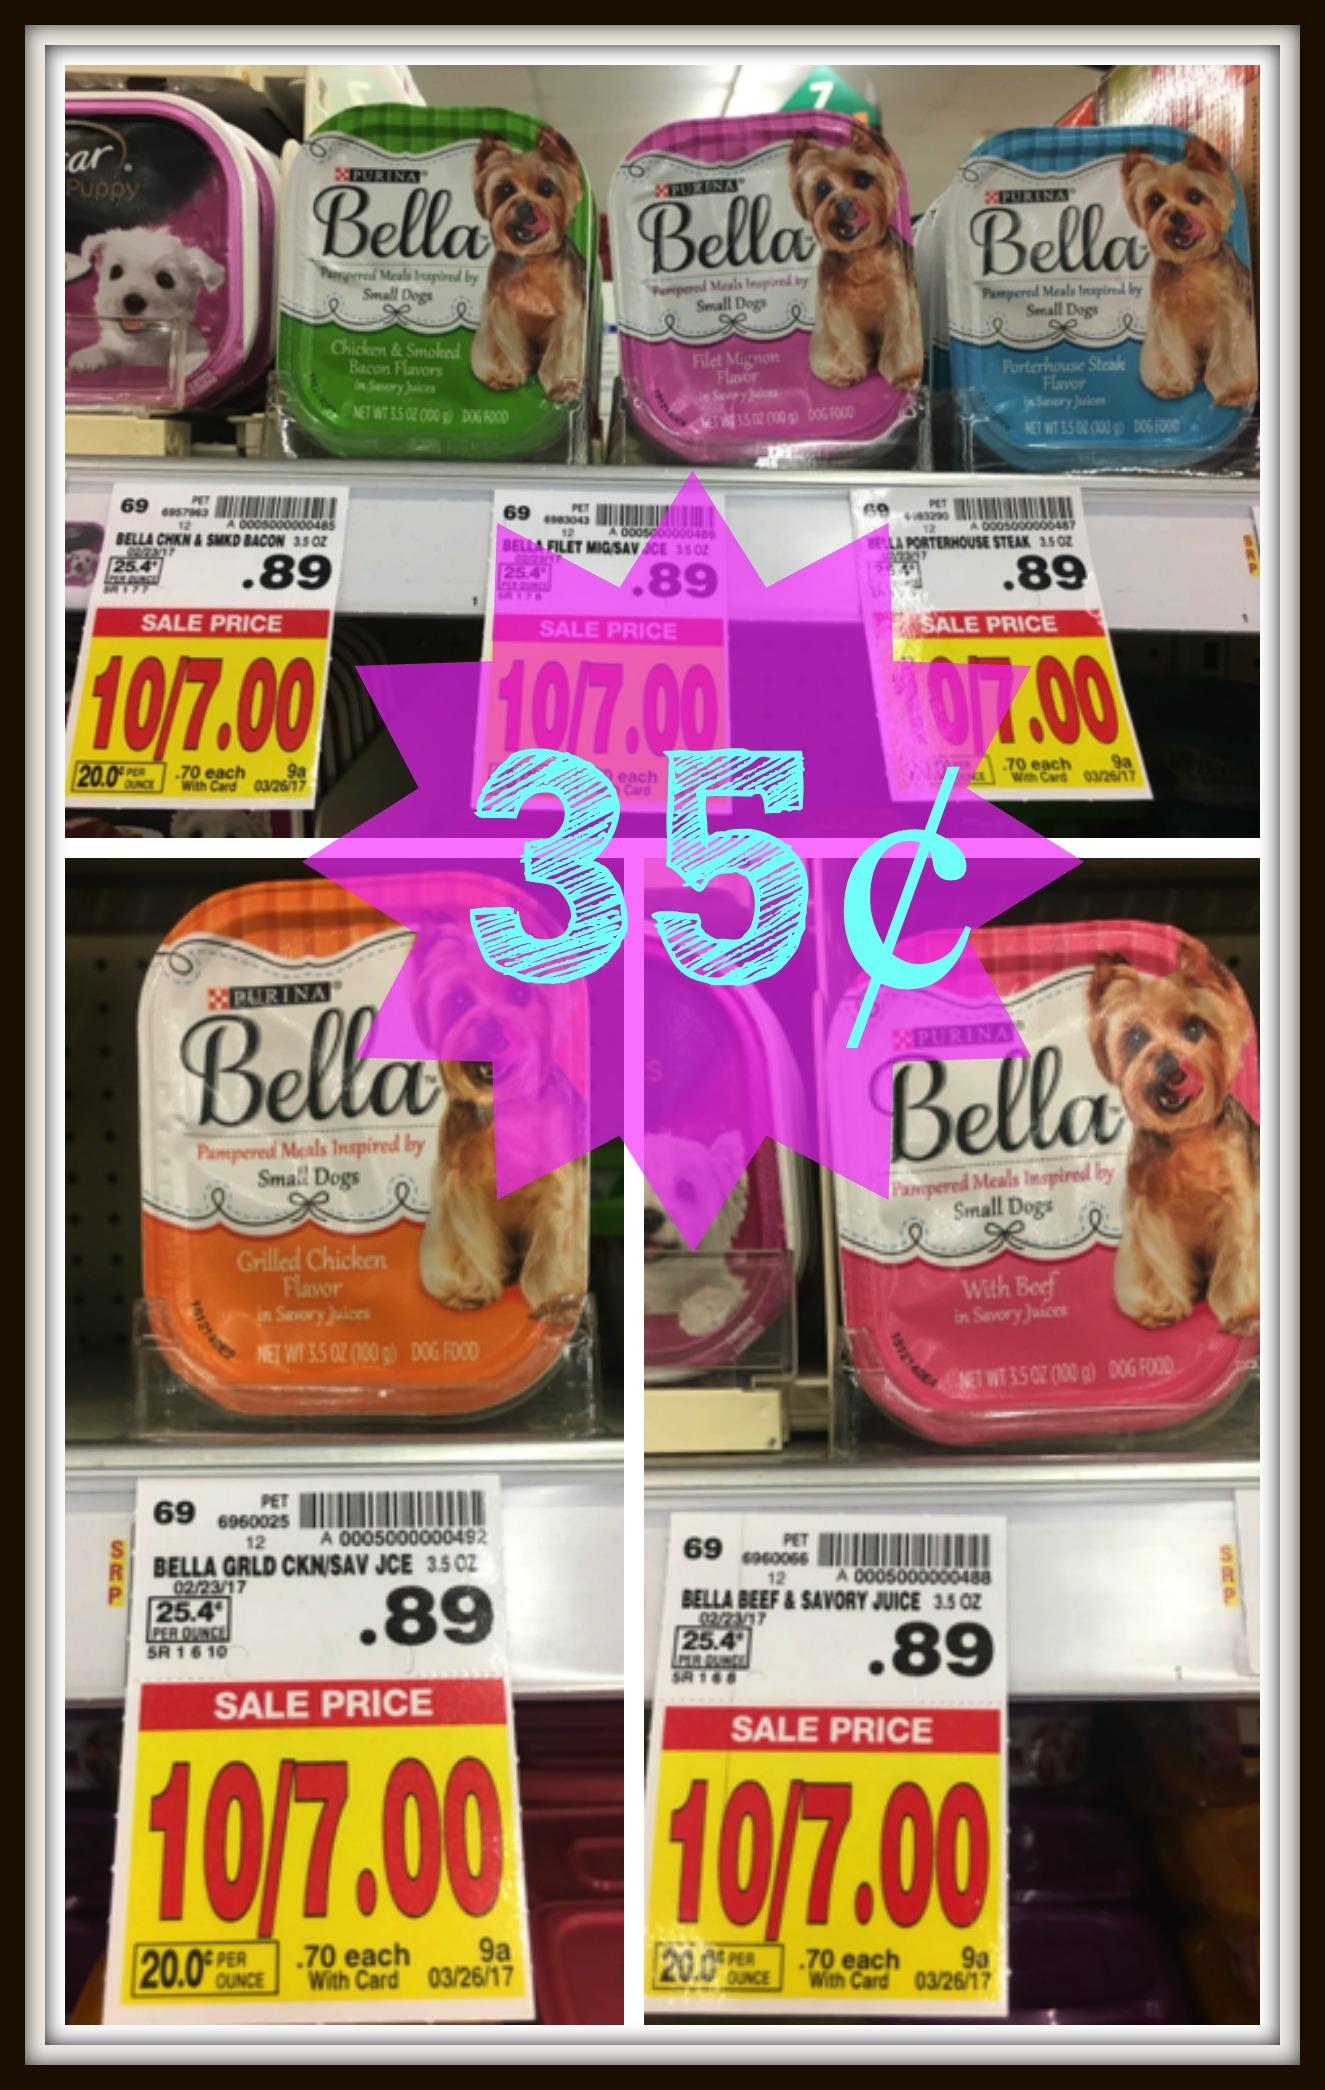 bella dog food Image